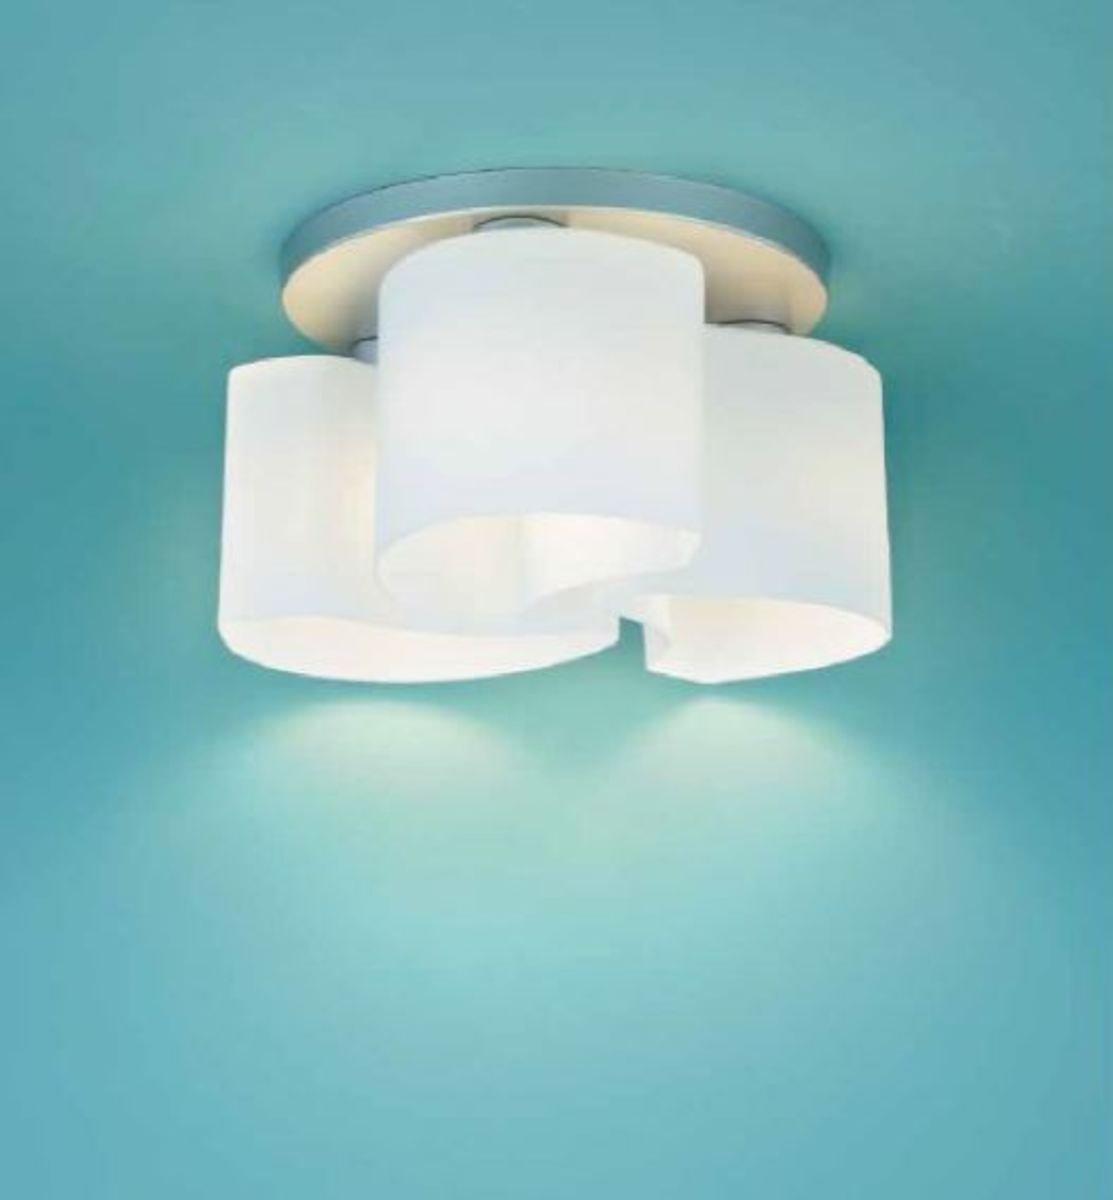 台灣舞光(居家照明)-半吸燈 (DH10851)